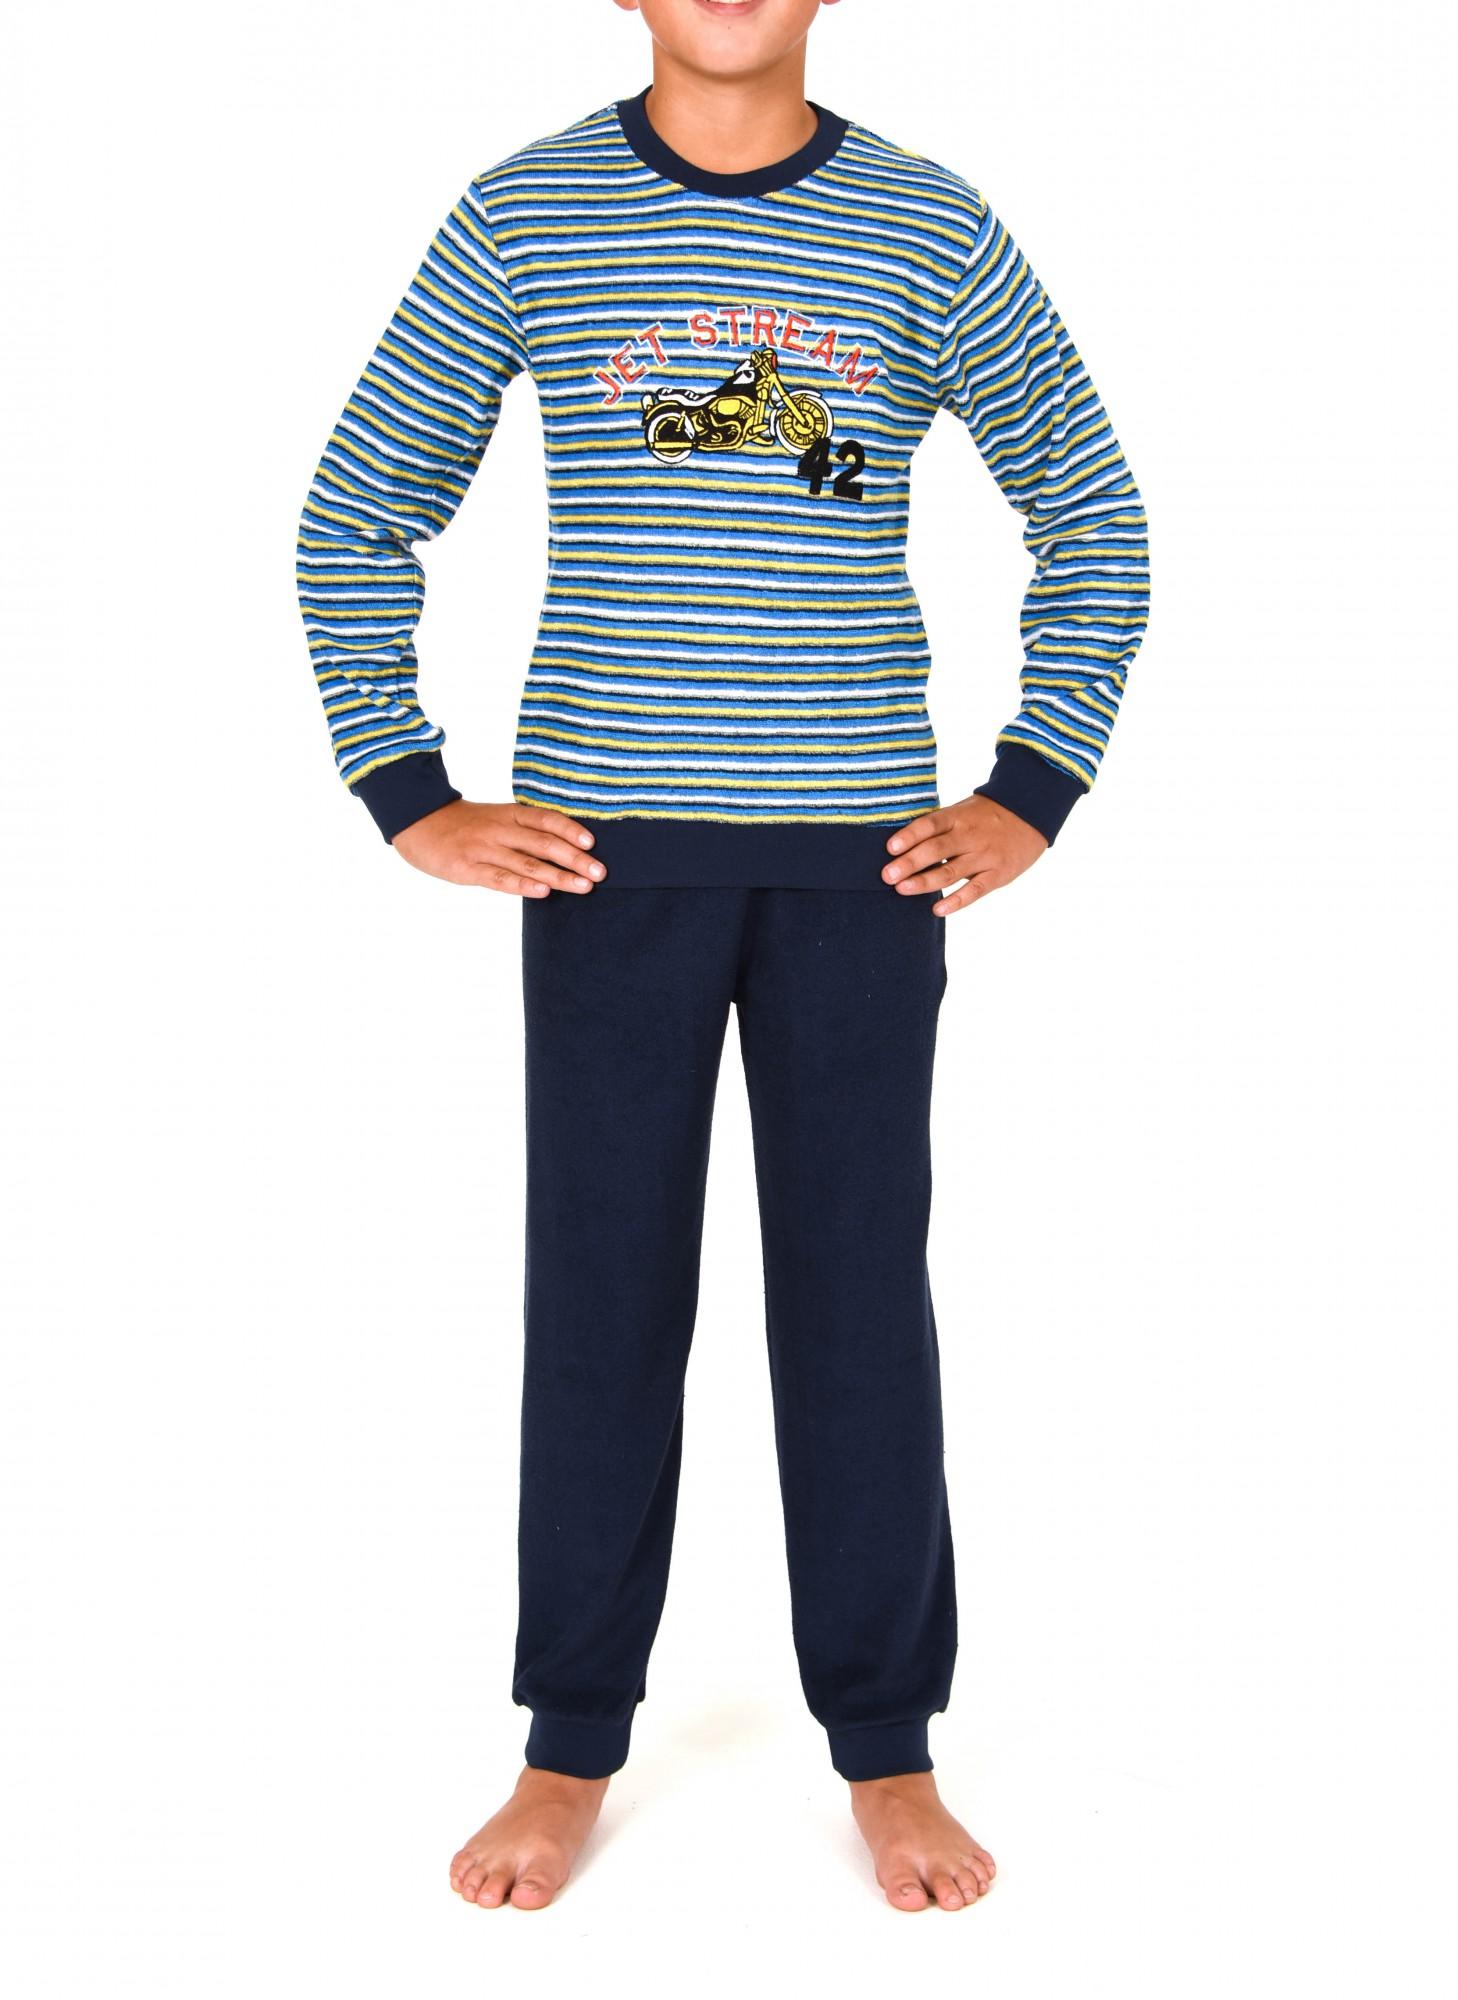 Jungen Frottee Pyjama langarm mit Bündchen – 251 501 93 220 001